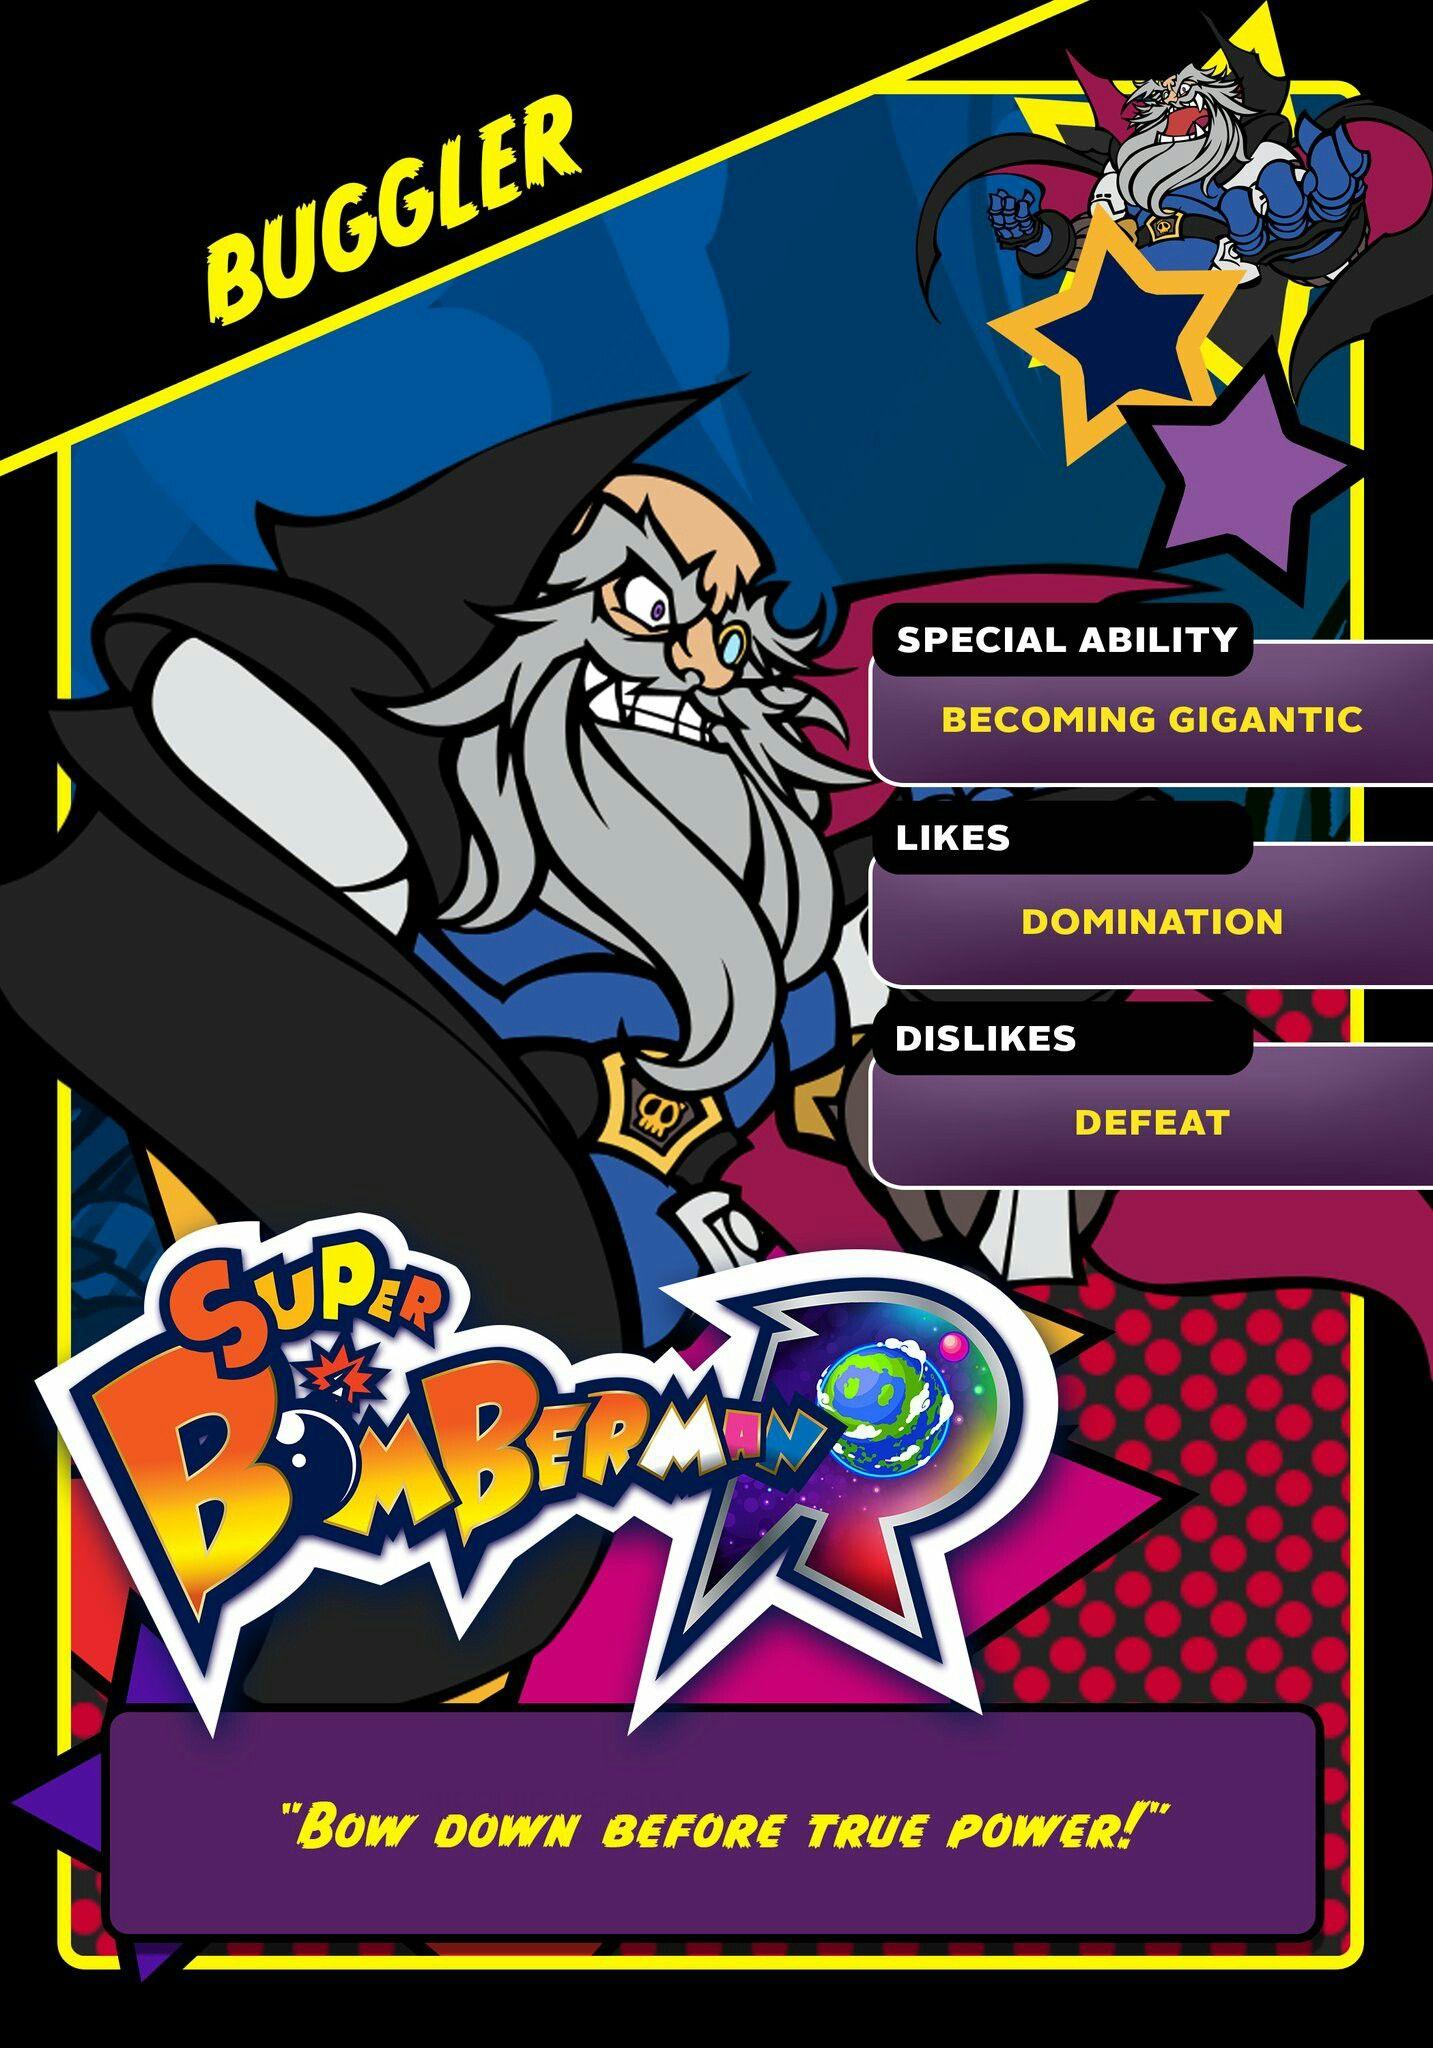 Super Bomberman R Black Bomber: Super Bomberman R Buggler